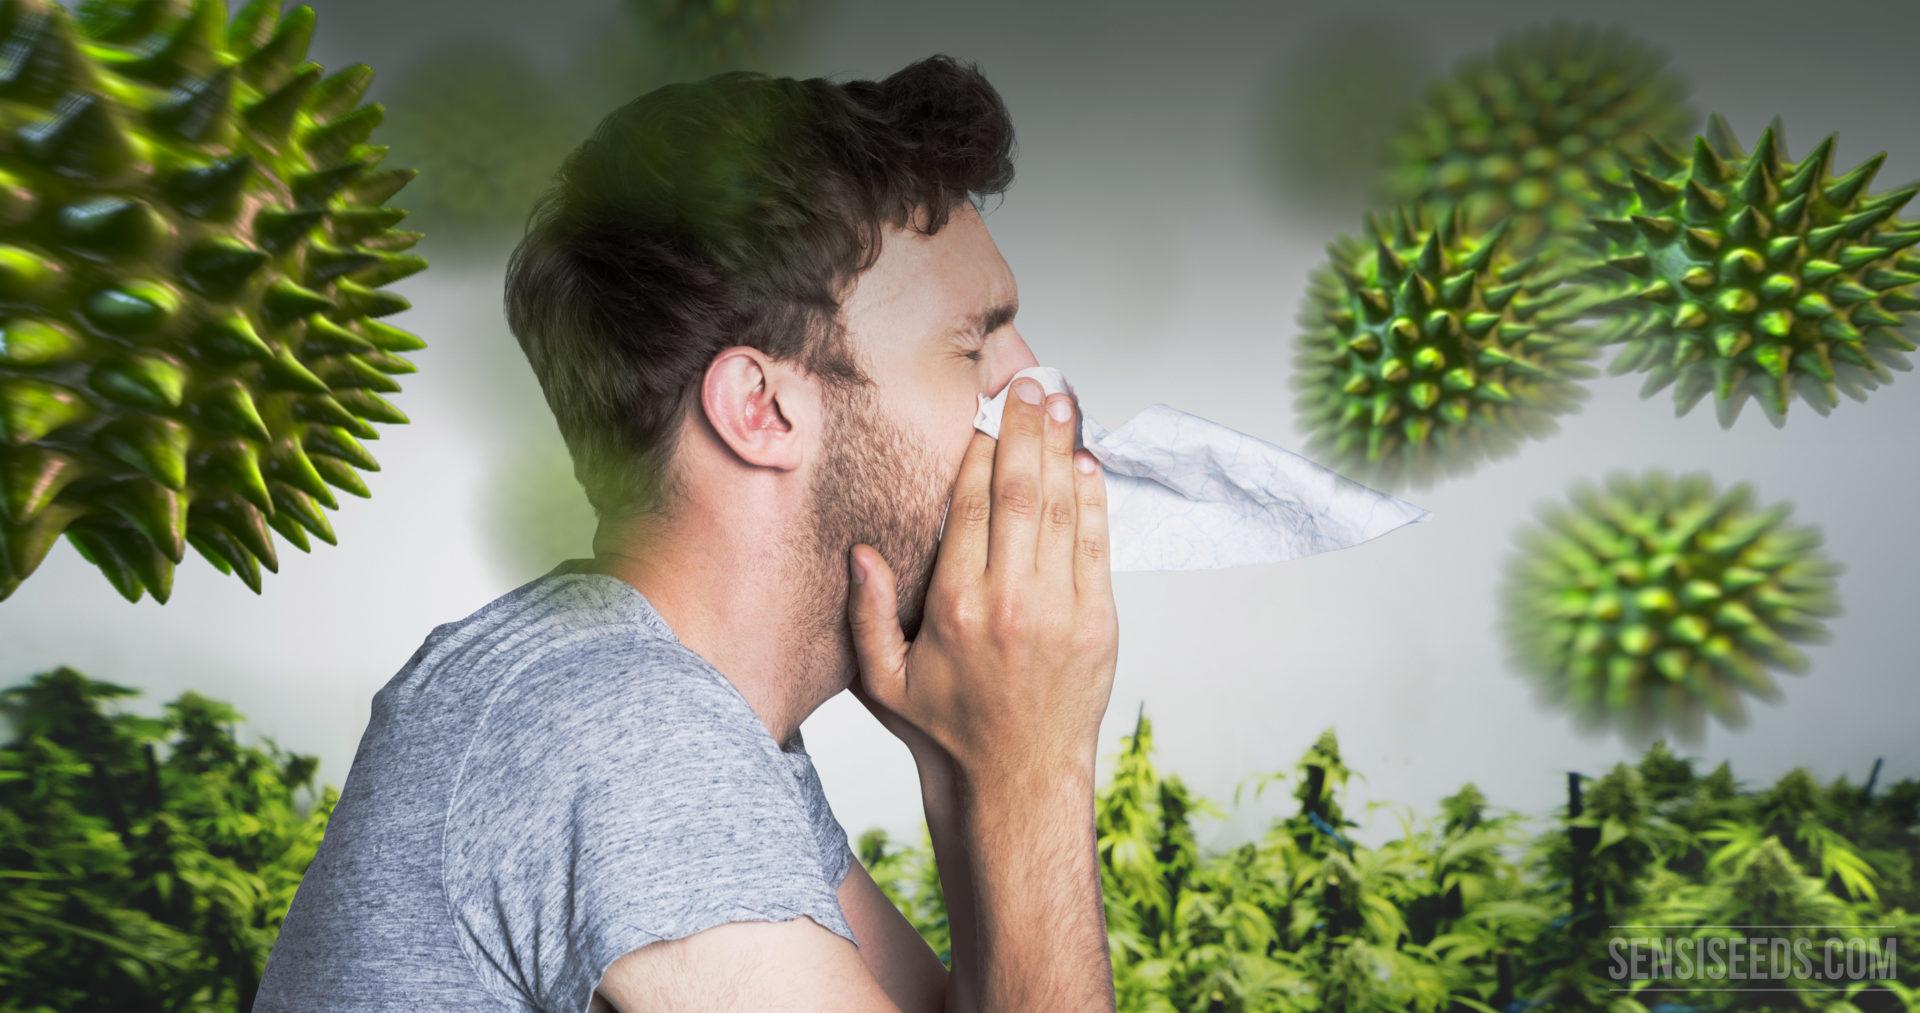 Allergie Planten Huid : De ultieme handleiding bij cannabisallergie